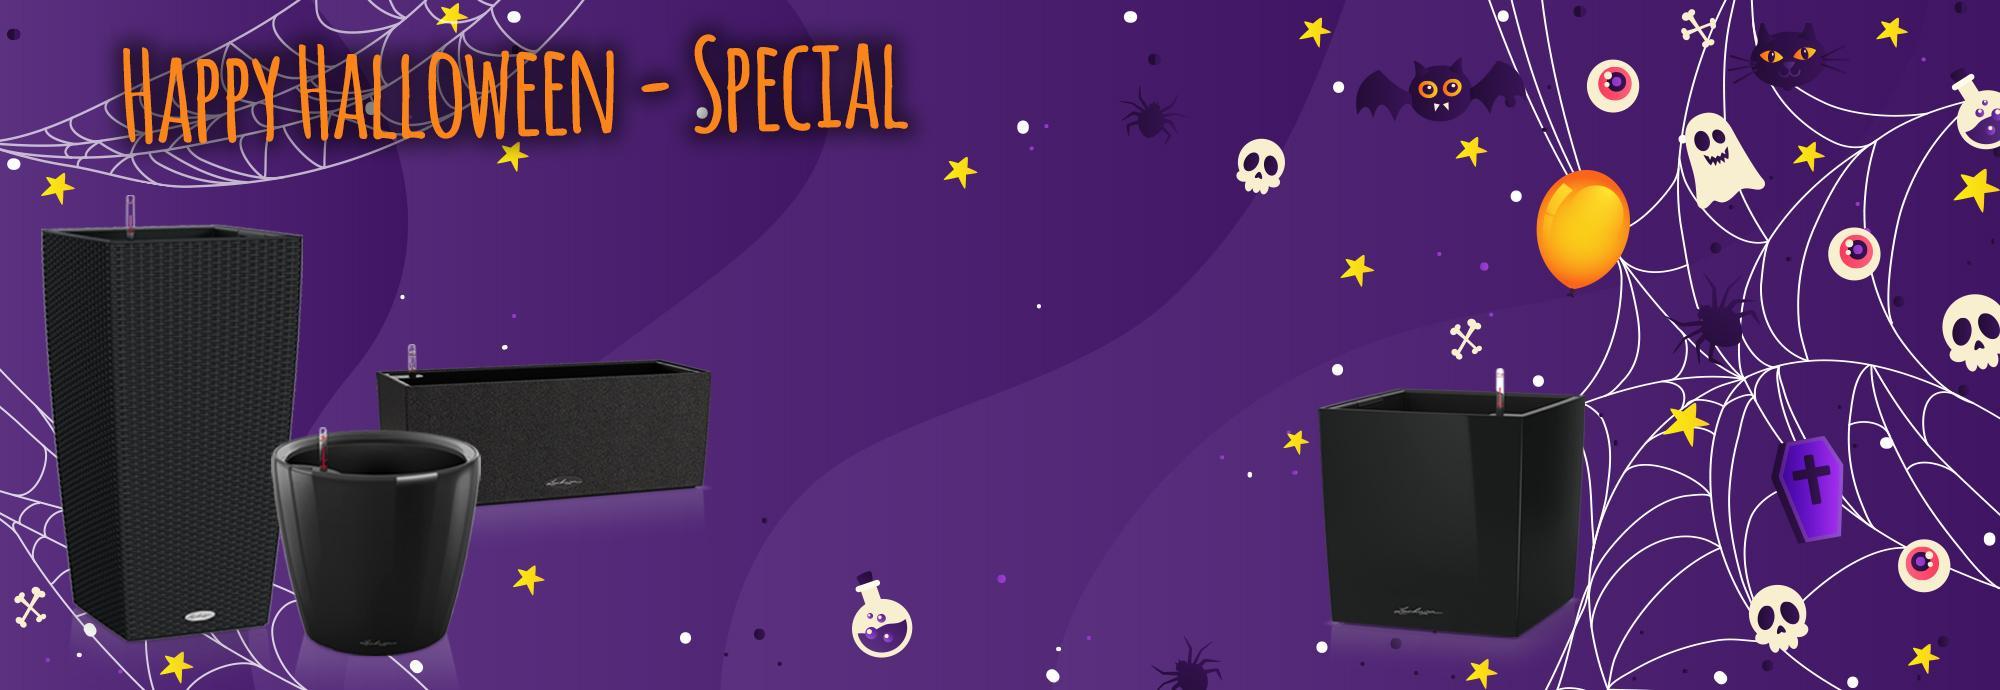 Schaurig-schöne Gruseldeko mit unserem Halloween-Special